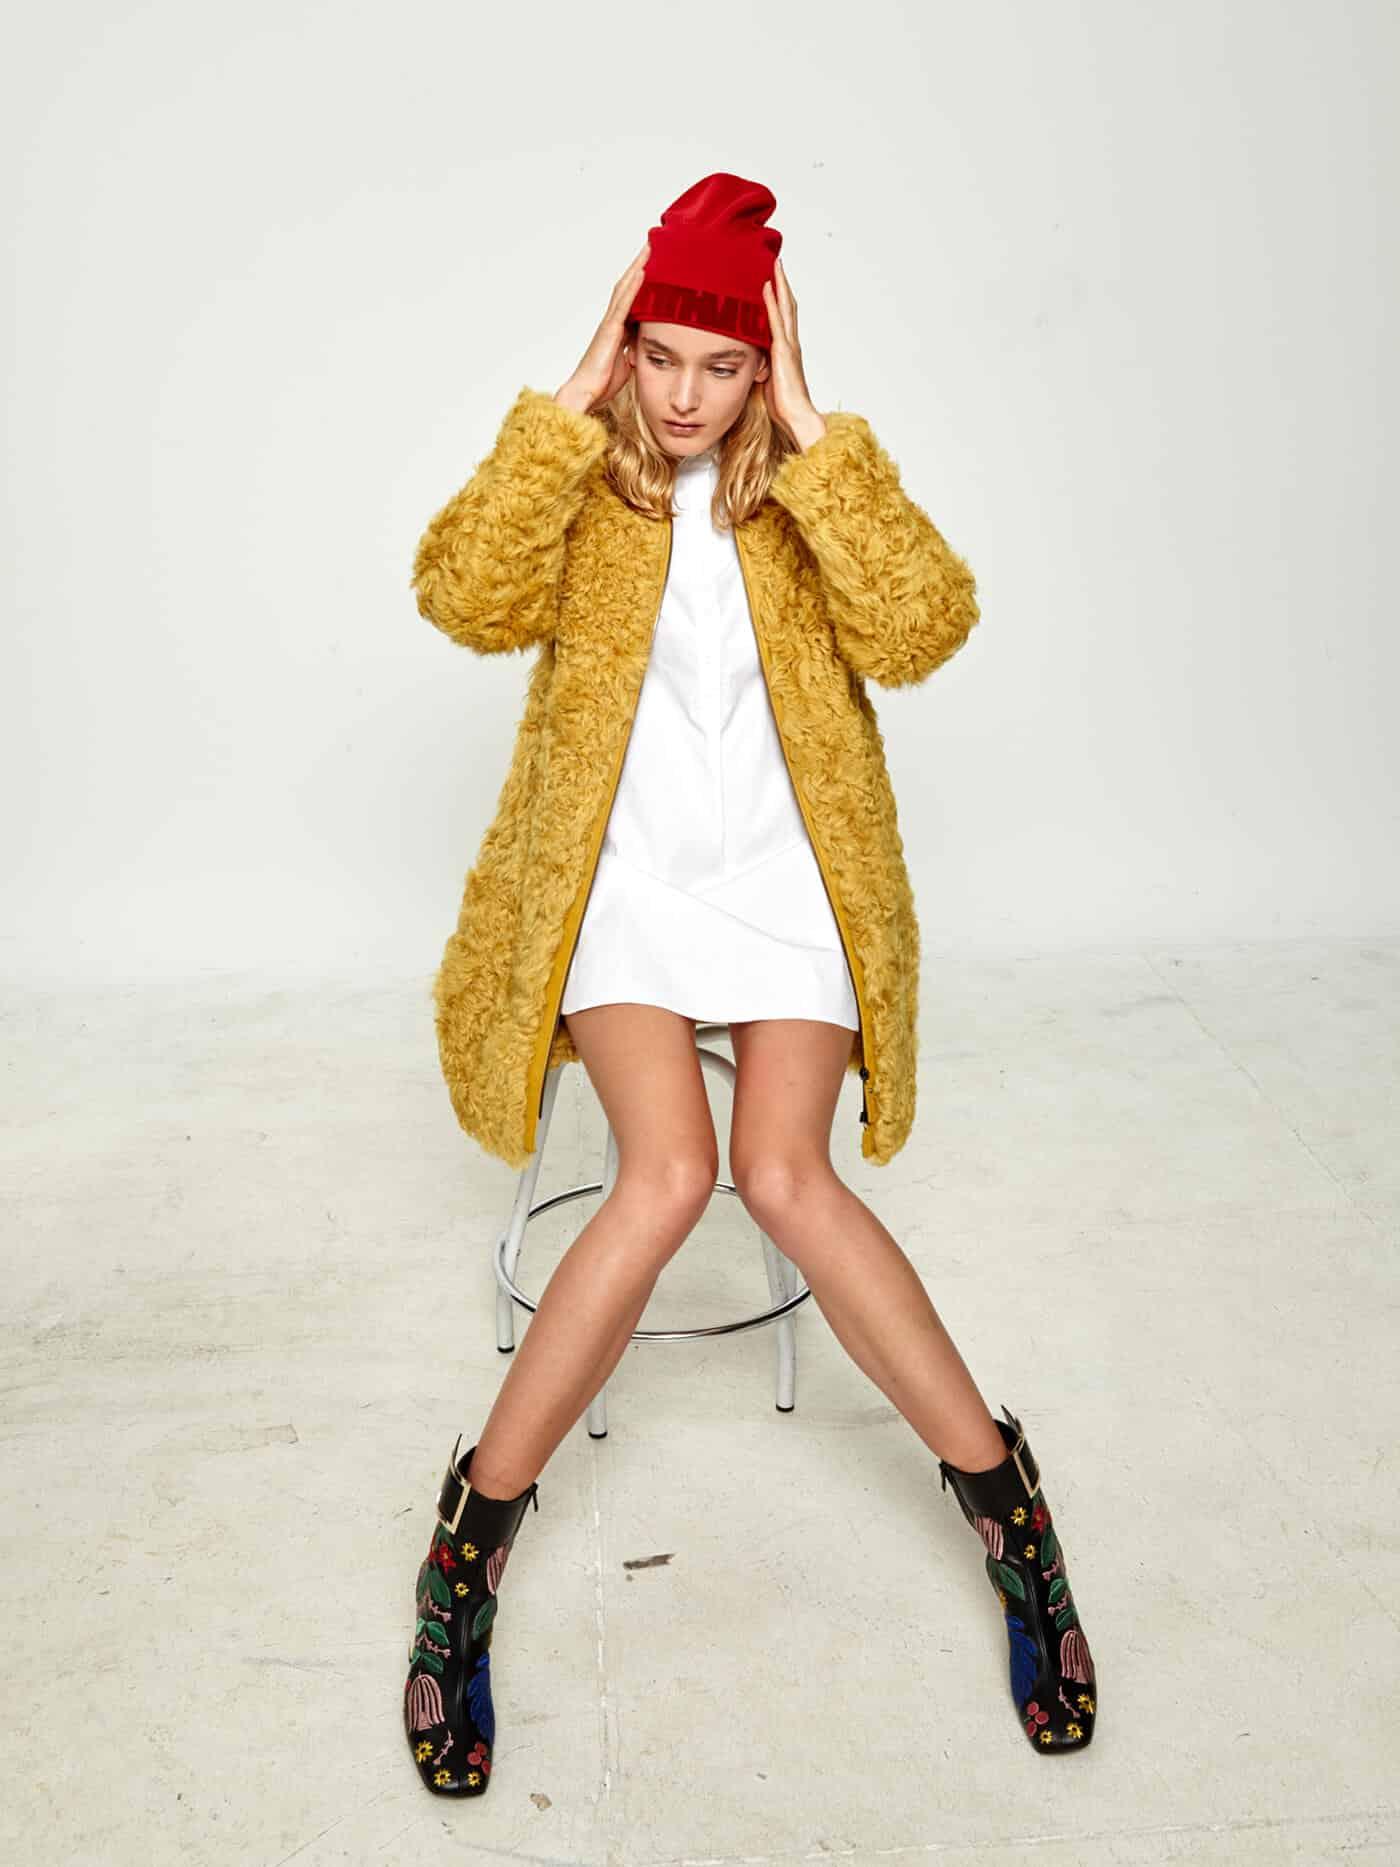 коллекции нестандартной моды 2017, фото 7